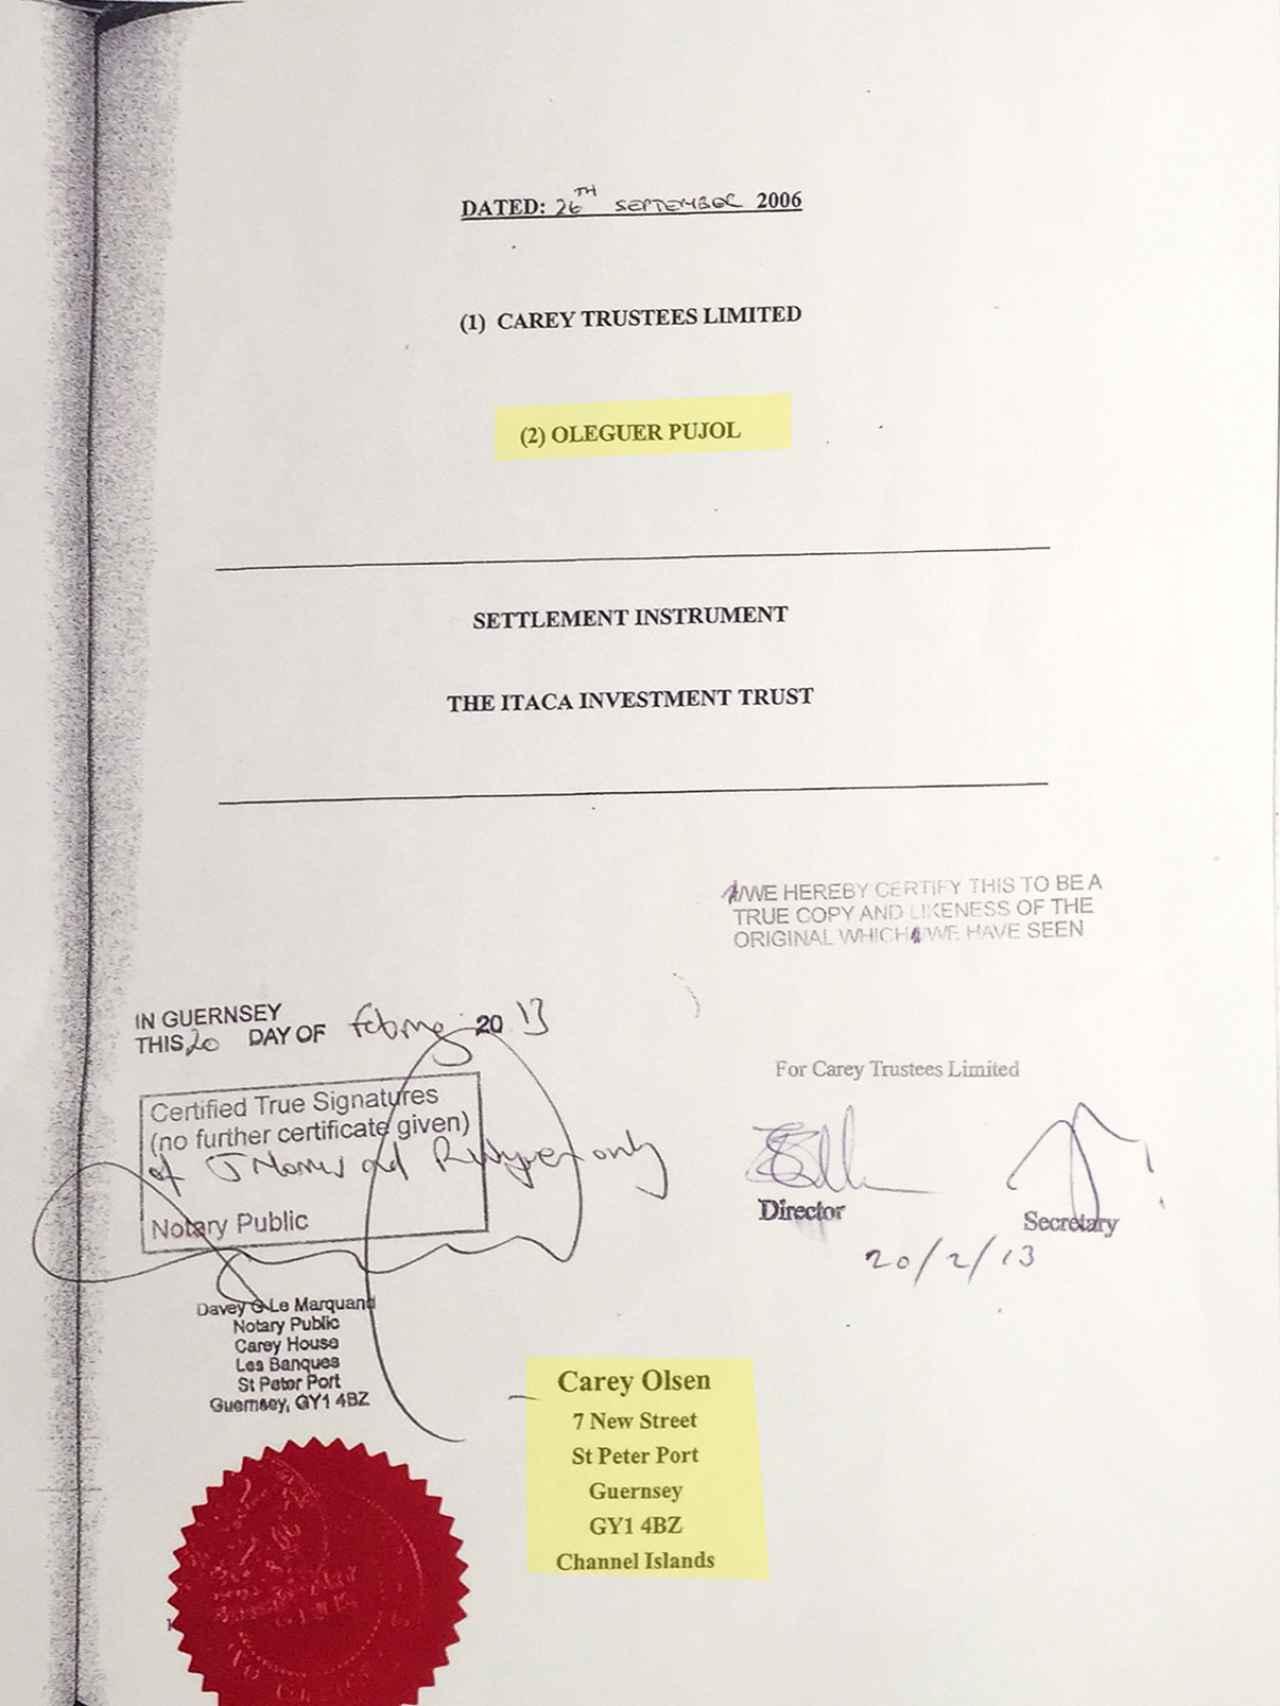 Contrato de fiducia entre Oleguer Pujol y una de las empresas de Carey Olsen